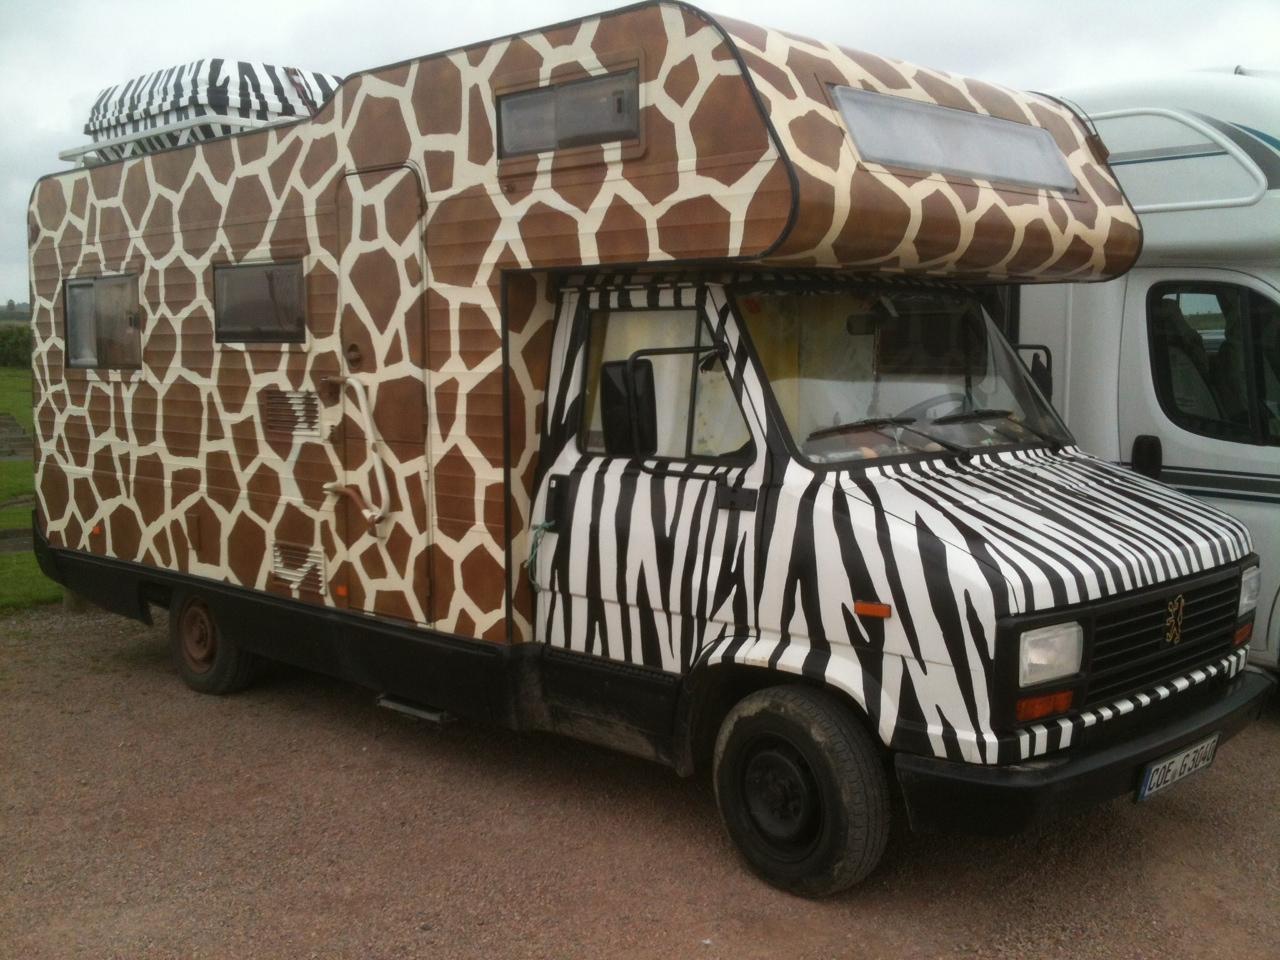 Giraffe Zebra Van